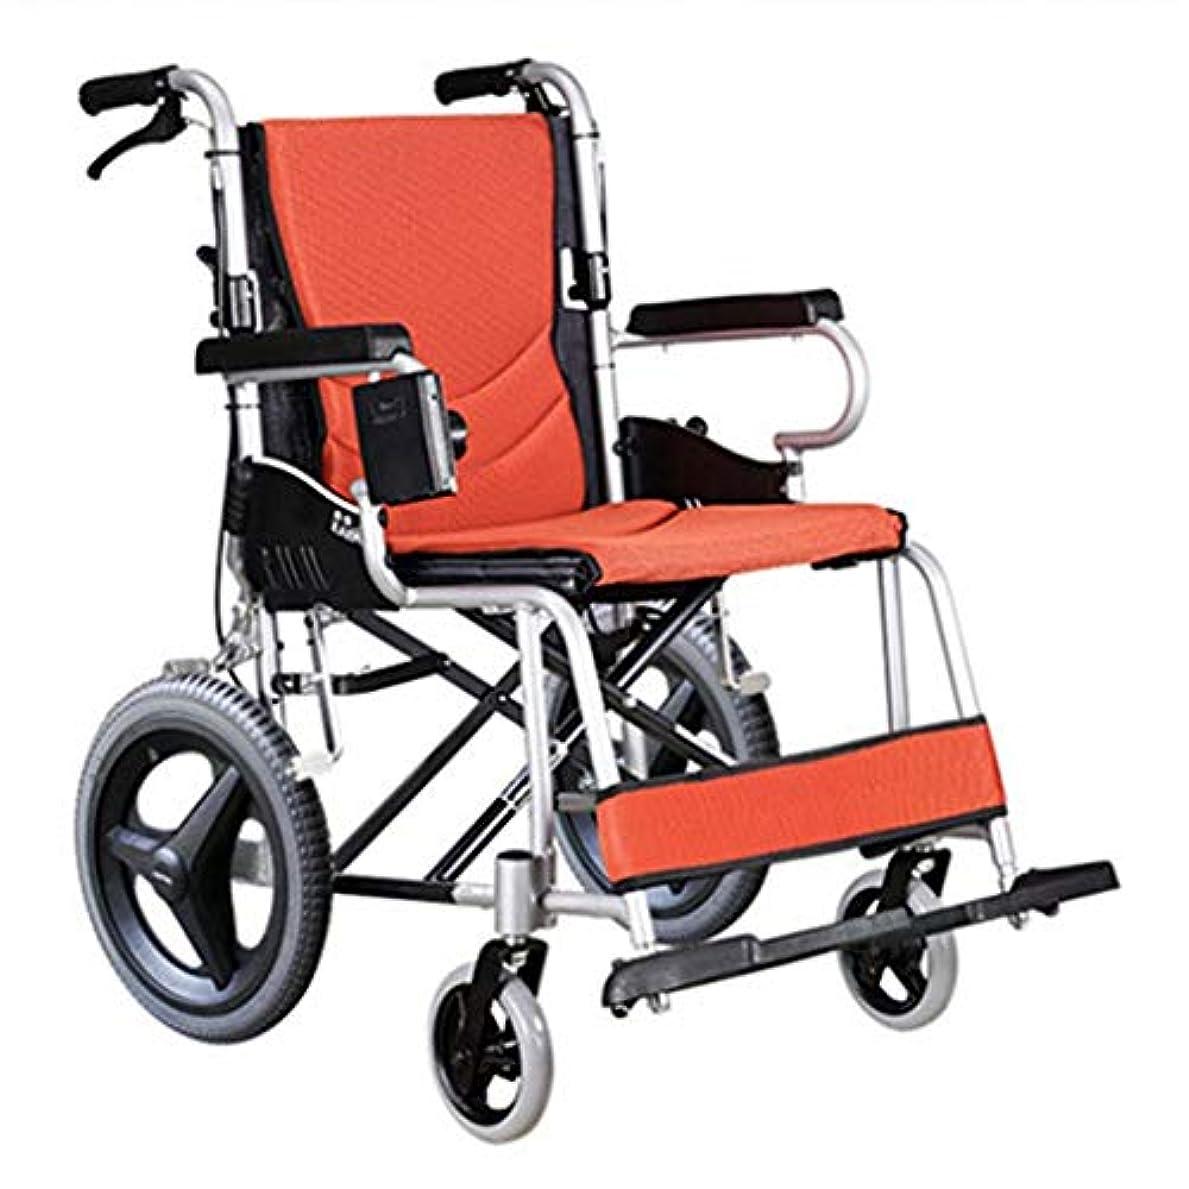 情熱知恵リハーサル折りたたみ車椅子、航空用アルミニウム合金車椅子ソリッドタイヤ、高齢者向けダブルブレーキデザイン野外活動車椅子トロリー